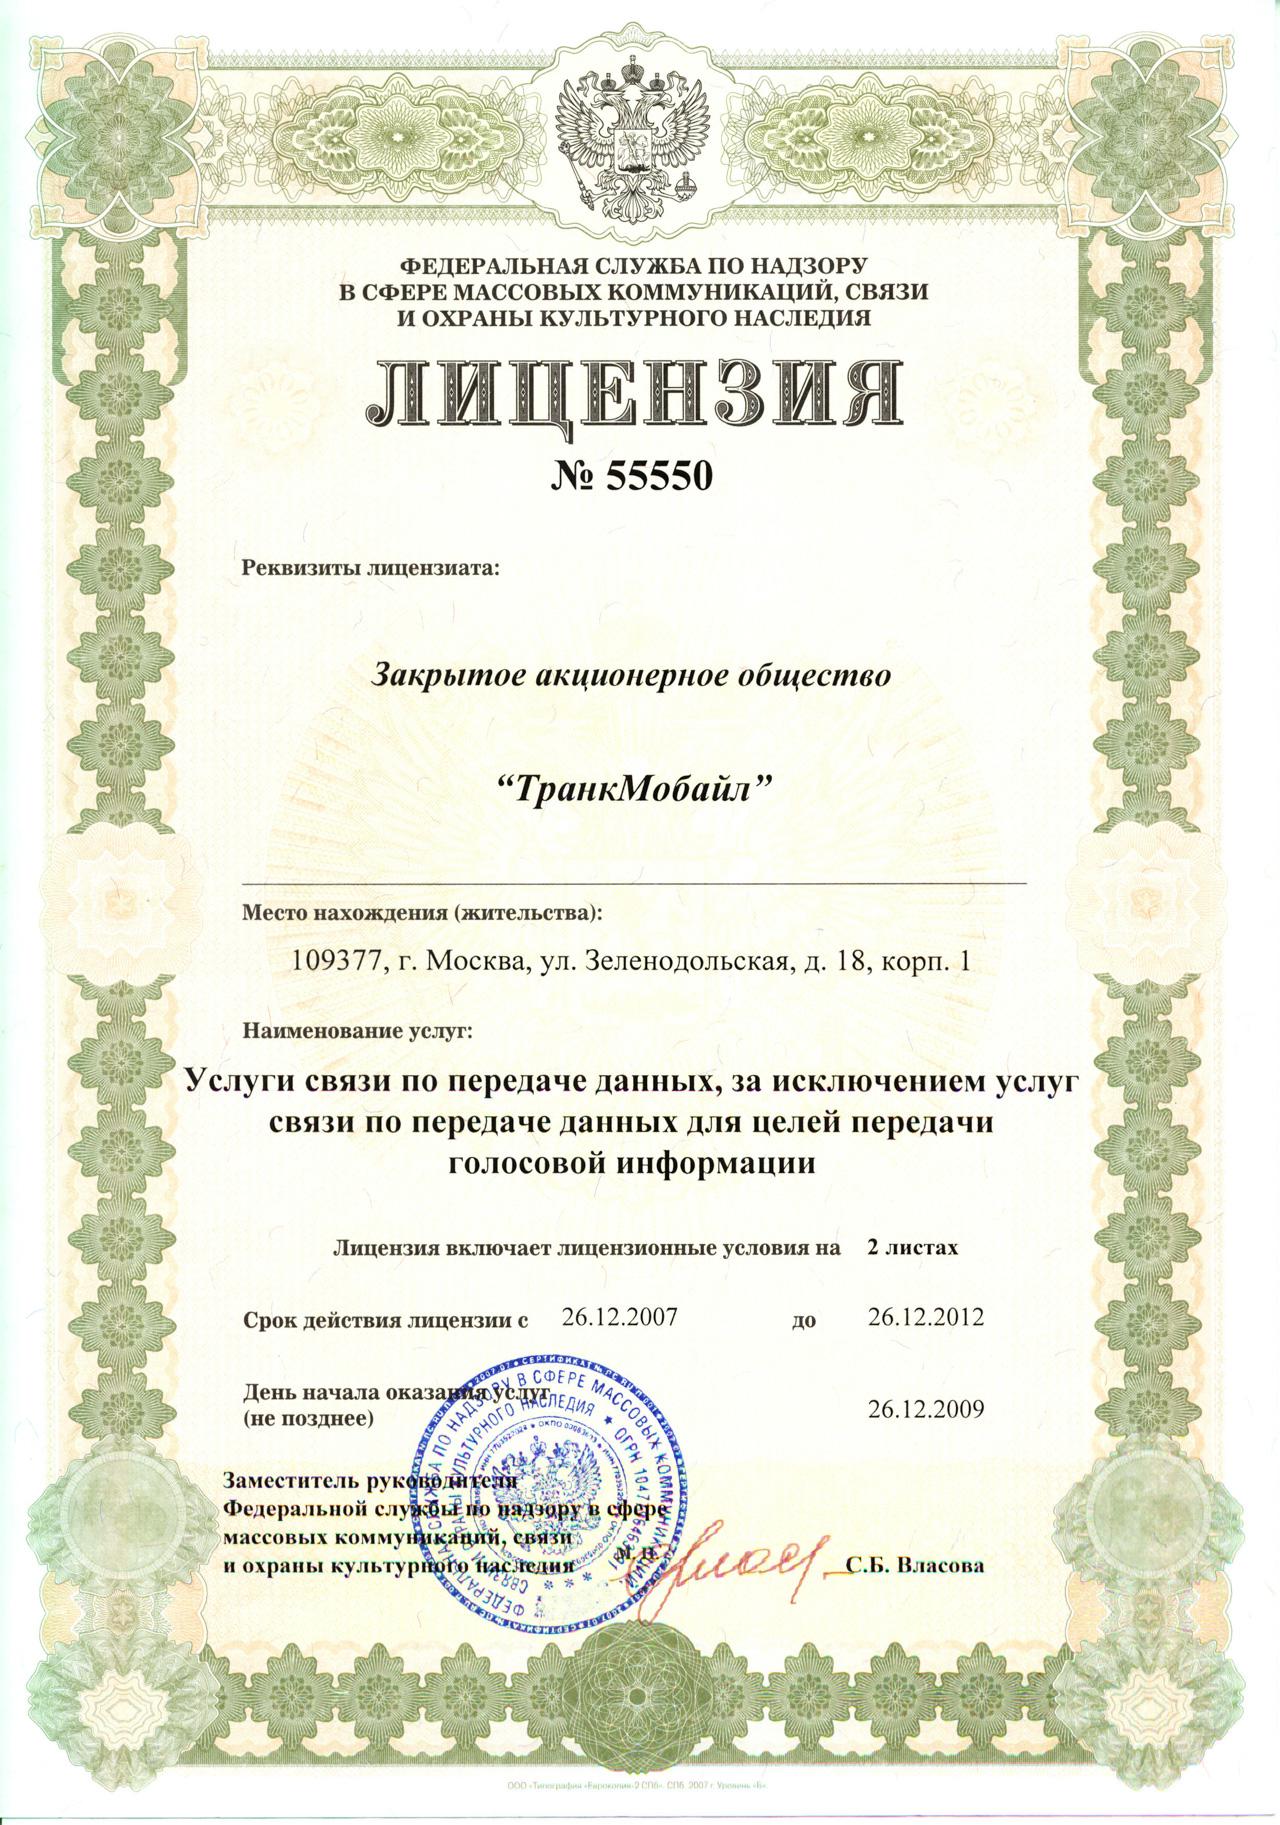 license_yslygi_svyazi_po_peredache_dannih